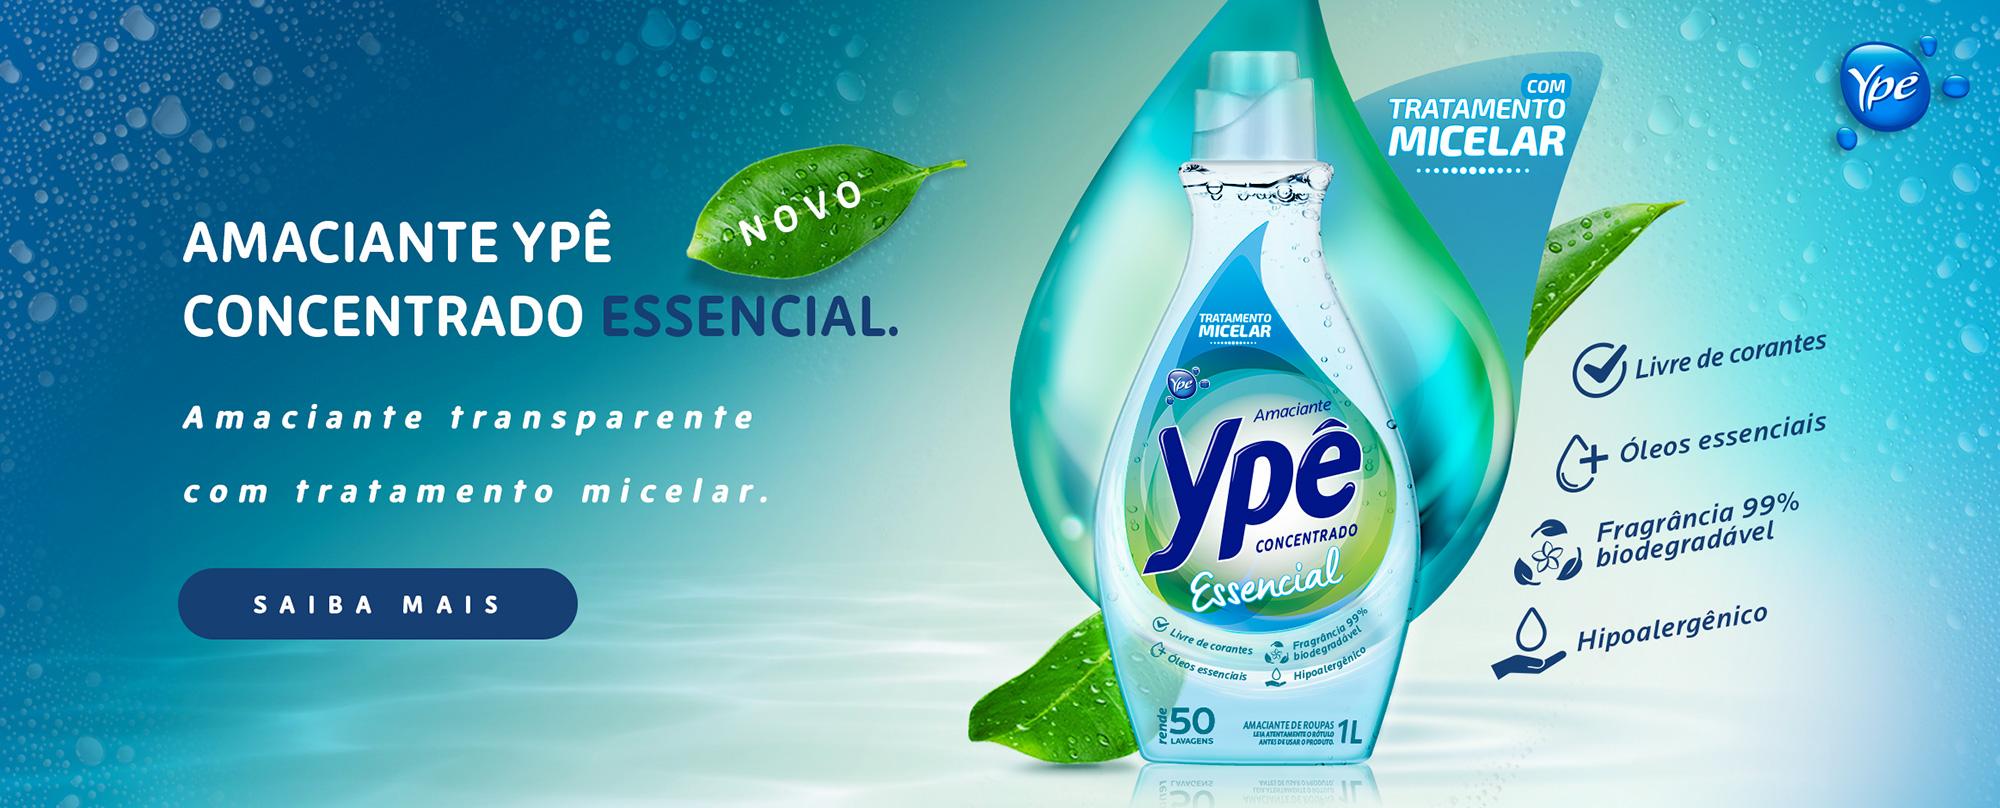 Amaciante Ype Essencial